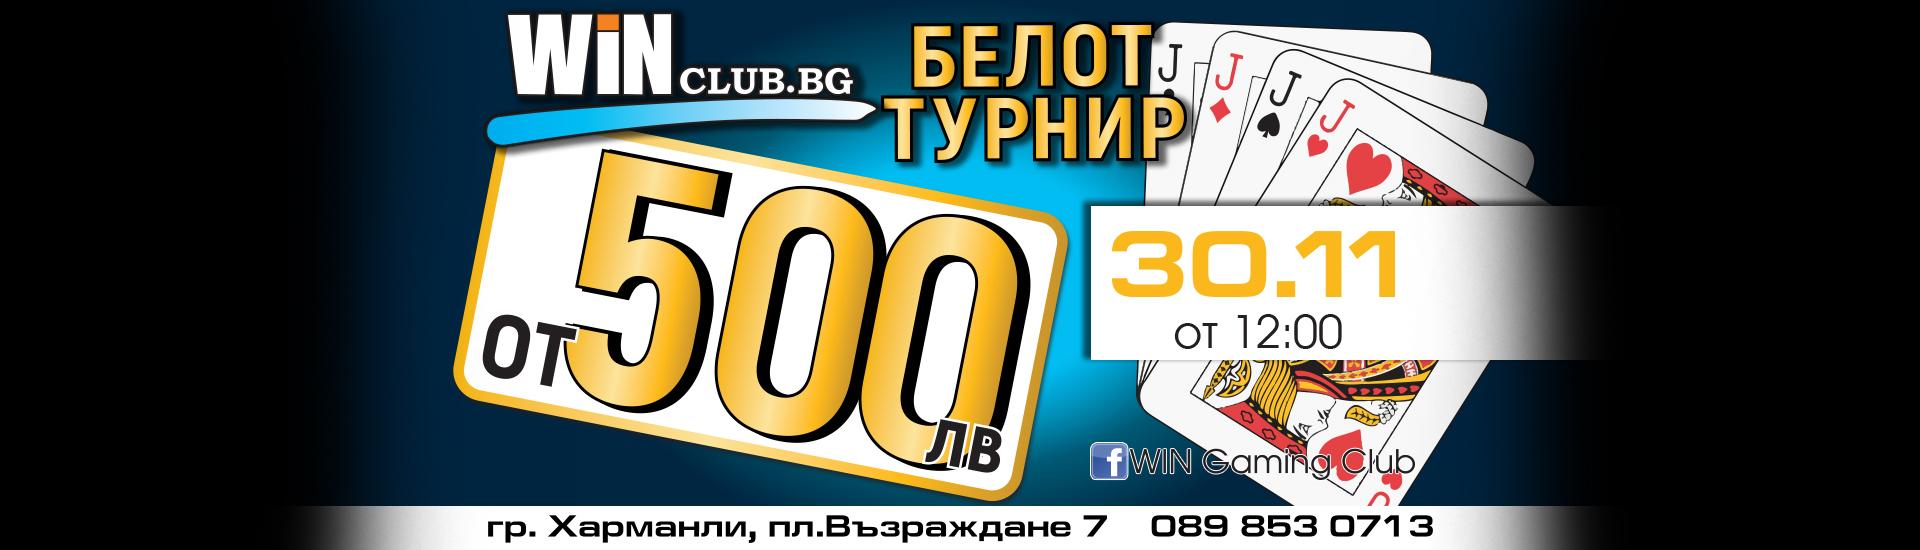 site_30-11